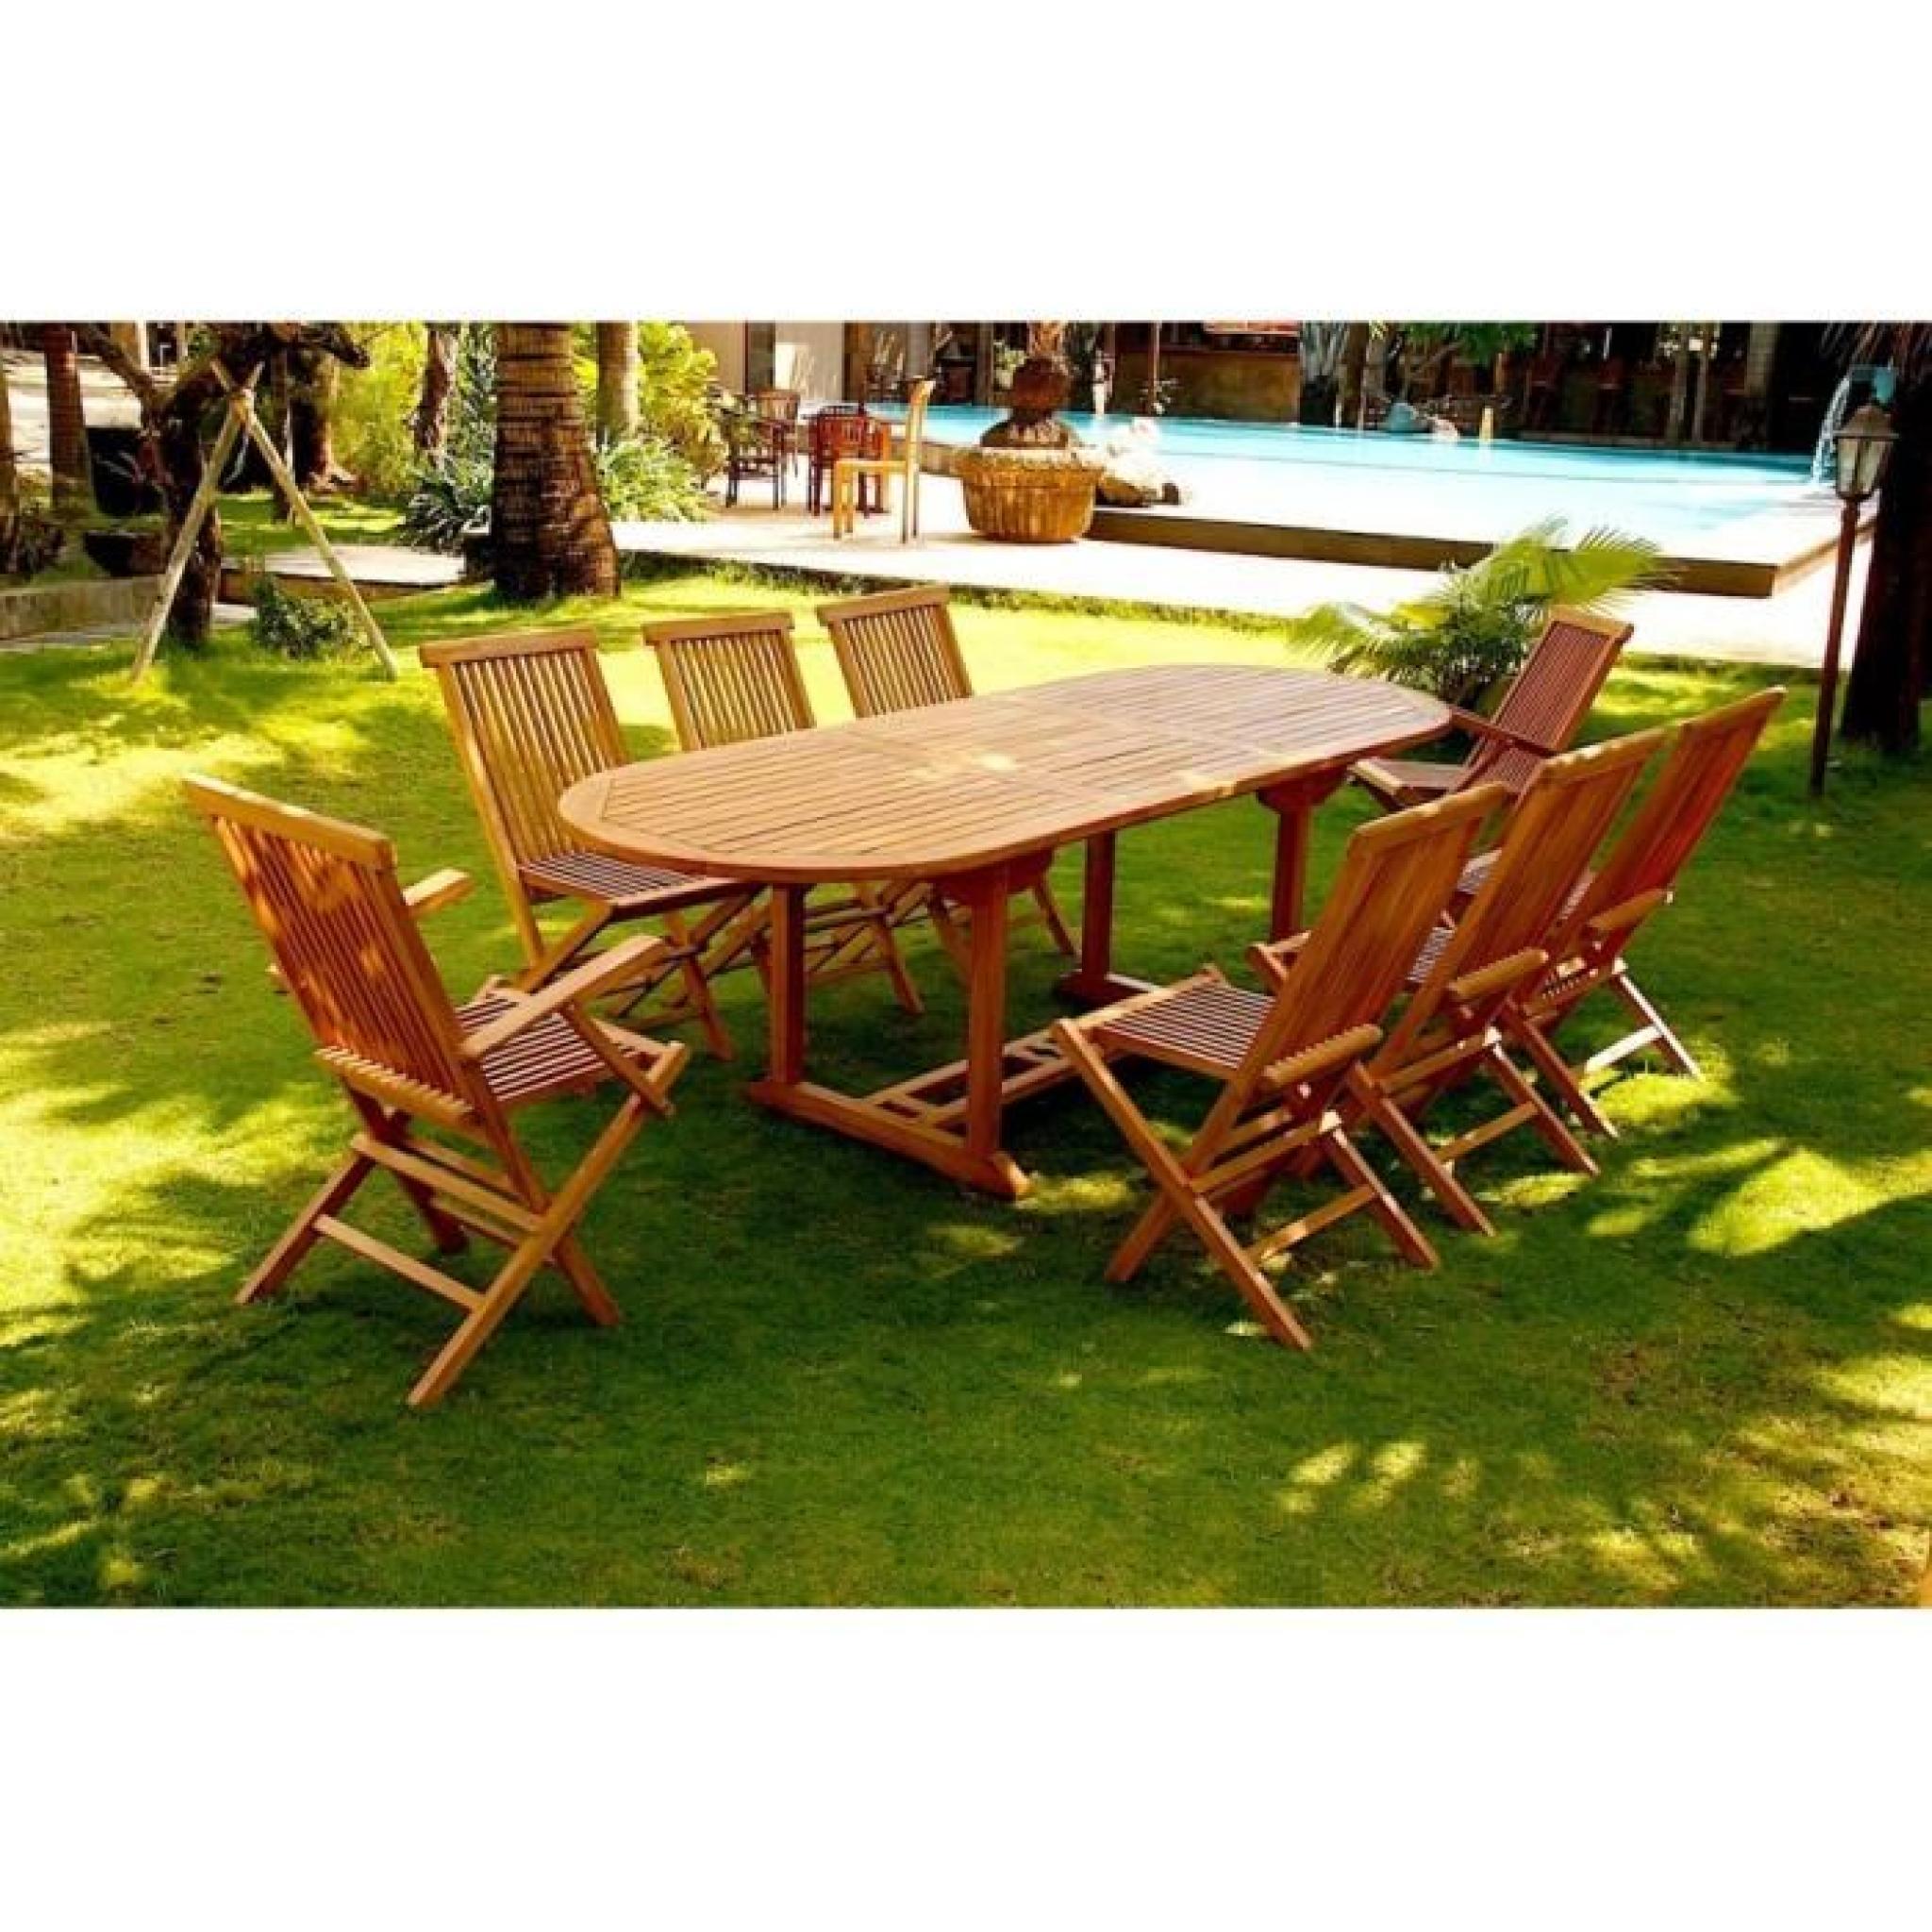 Kajang salon en teck massif 10 pers 6 chaises 2 fauteuils table ovale achat vente salon - Salon de jardin en teck massif ...